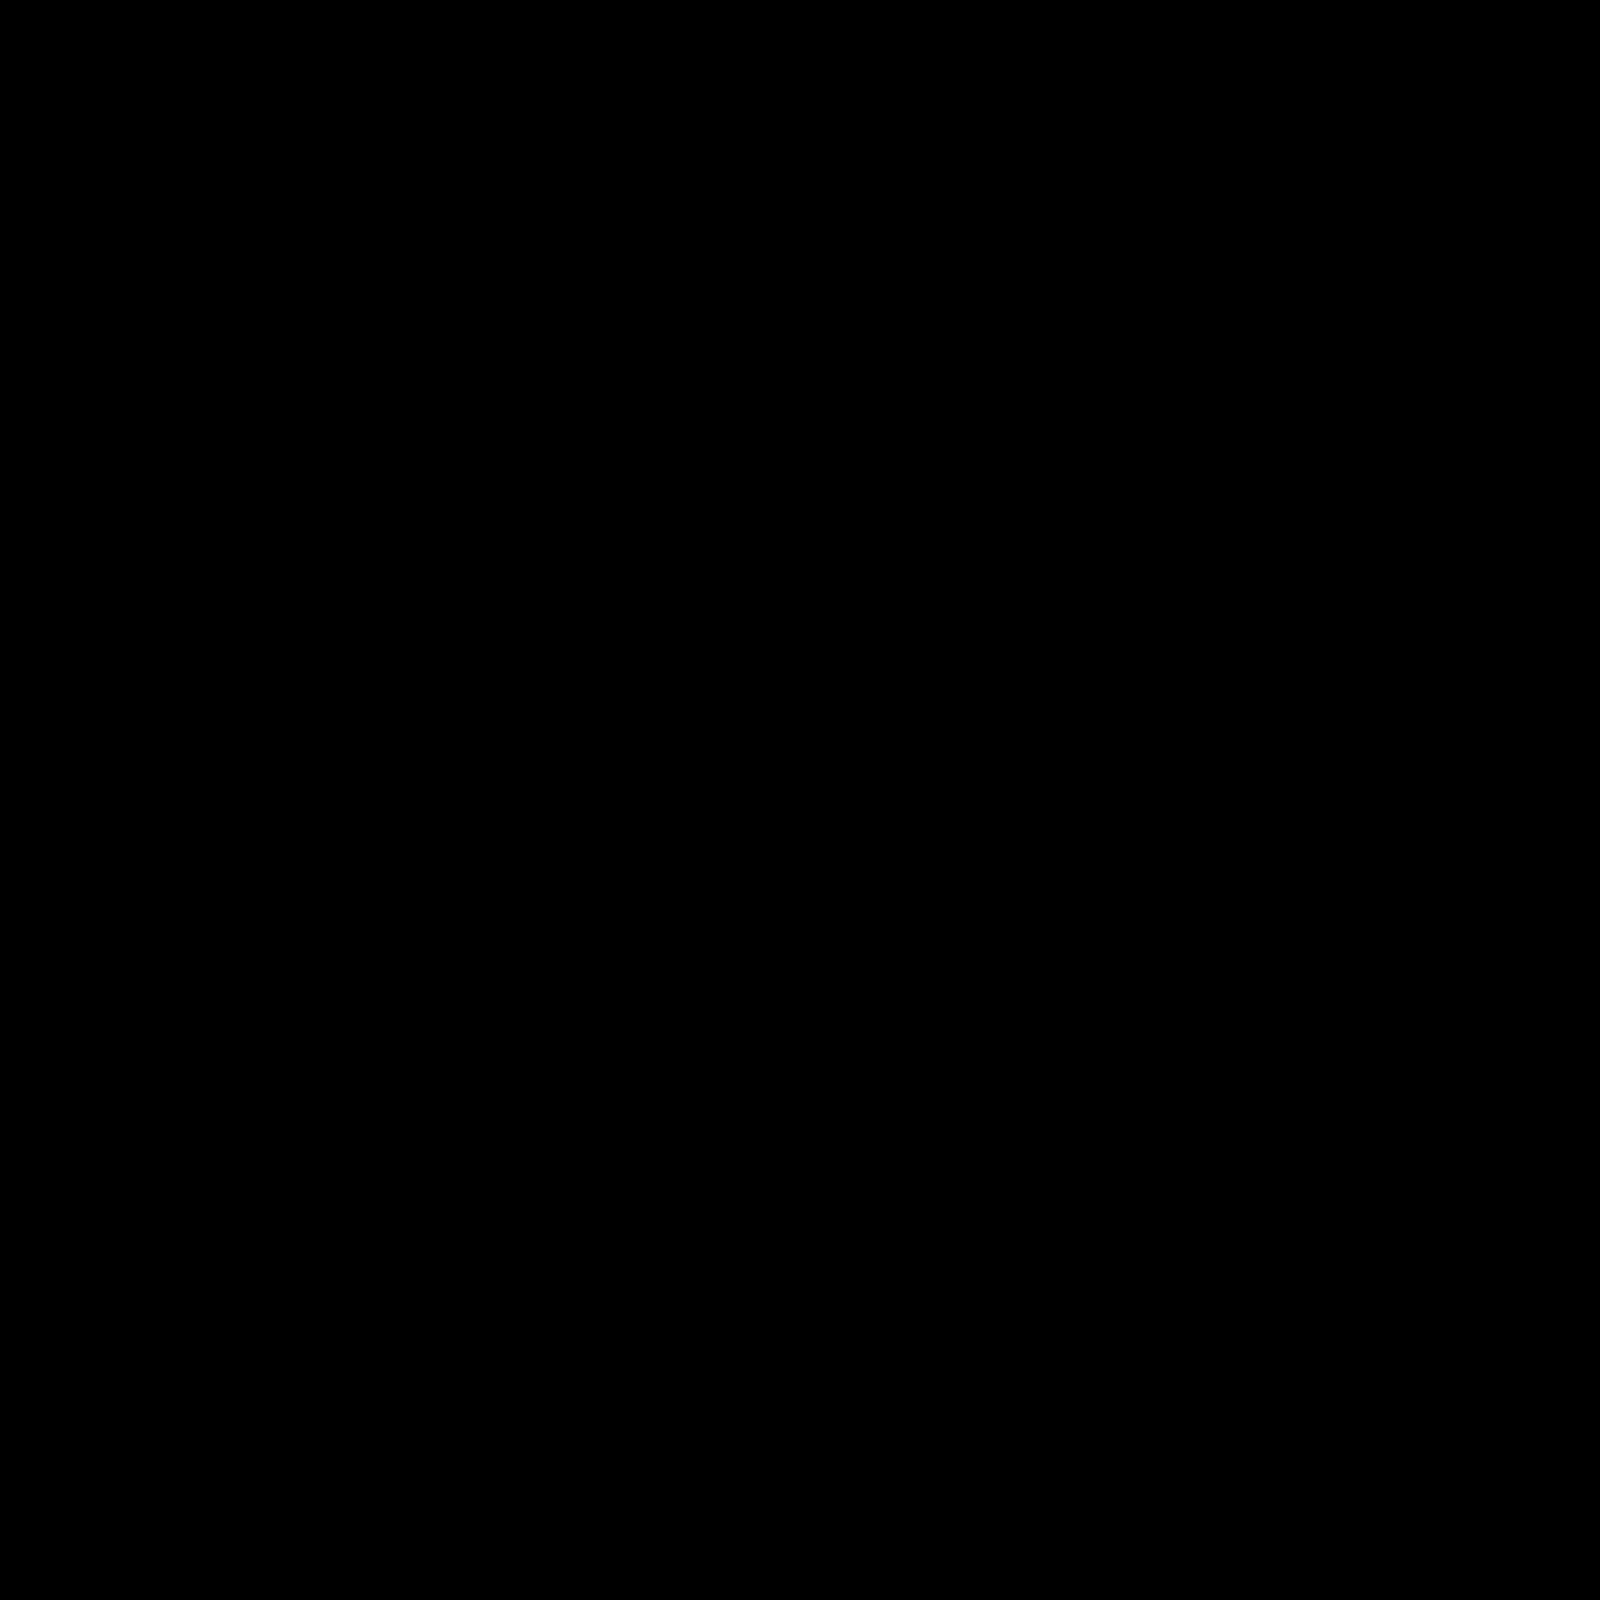 Katakana Te icon